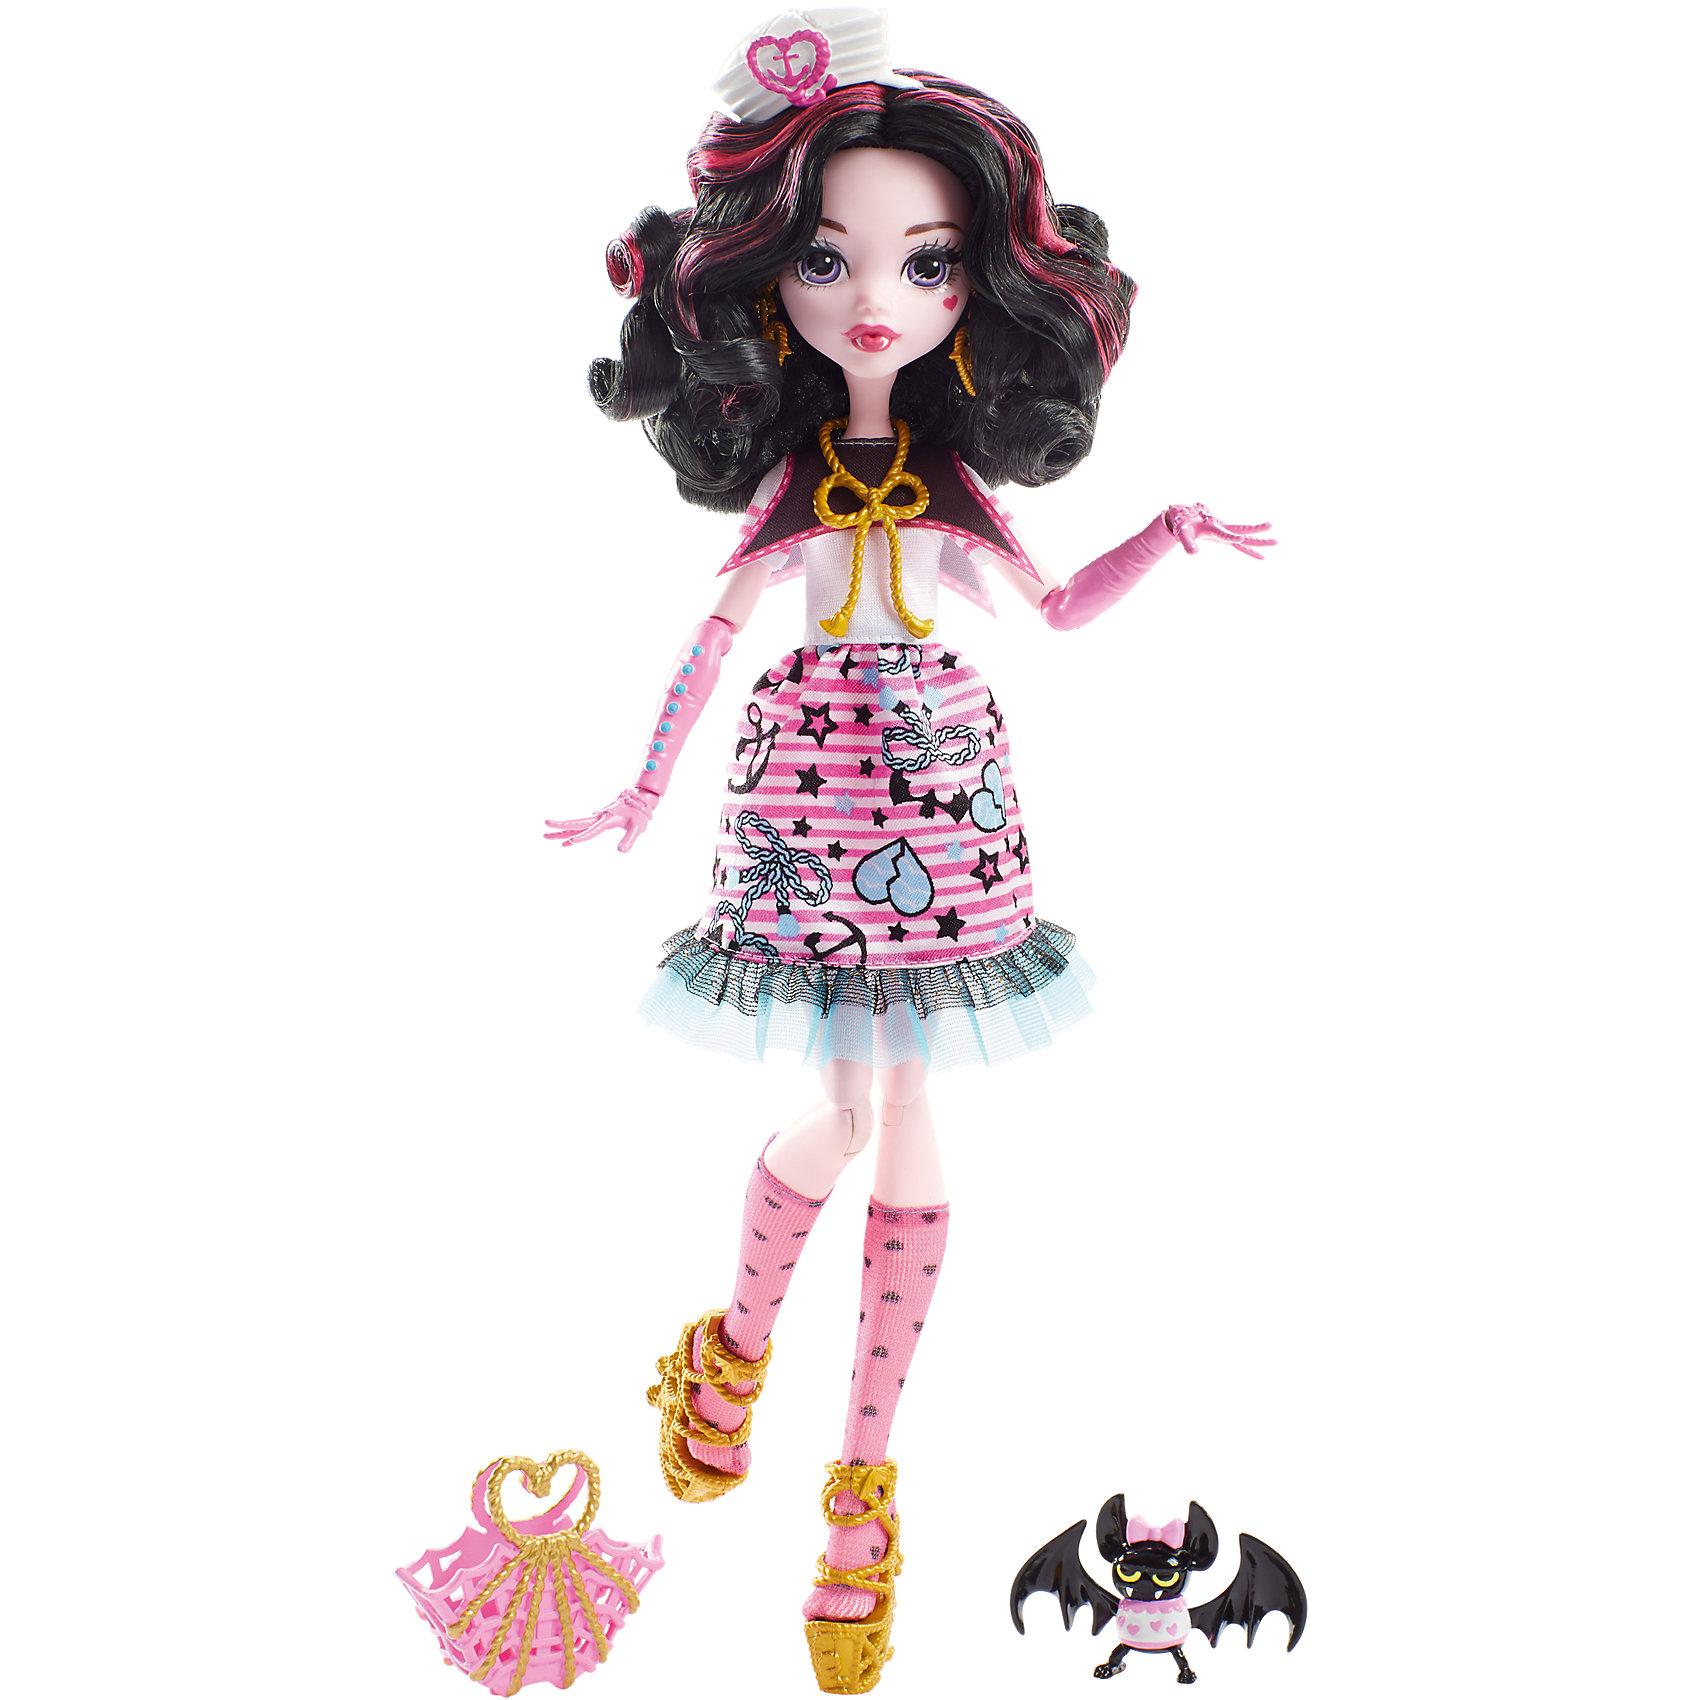 Кукла Дракулаура из серии Пиратская авантюра, Monster HighПопулярные игрушки<br>Дракулауре, дочери графа Дракулы на этот раз предстоит найти выход с необитаемого острова после кораблекрушения. И, конечно же, не обойдется без поиска сокровищ! Кукла одета в стильное платье с рюшами. Туфельки, аксессуары и сумочка украшены настоящими пиратскими канатами. Модная шляпка морячки и питомец летучая мышь подчеркивают оригинальность образа настоящей пиратки. <br><br>Дополнительная информация:<br>Материал: пластик<br>Требуется подставка<br>Куклу Дракулаура(Monster High) можно купить в нашем интернет-магазине.<br><br>Ширина мм: 328<br>Глубина мм: 203<br>Высота мм: 63<br>Вес г: 216<br>Возраст от месяцев: 72<br>Возраст до месяцев: 144<br>Пол: Женский<br>Возраст: Детский<br>SKU: 4765361